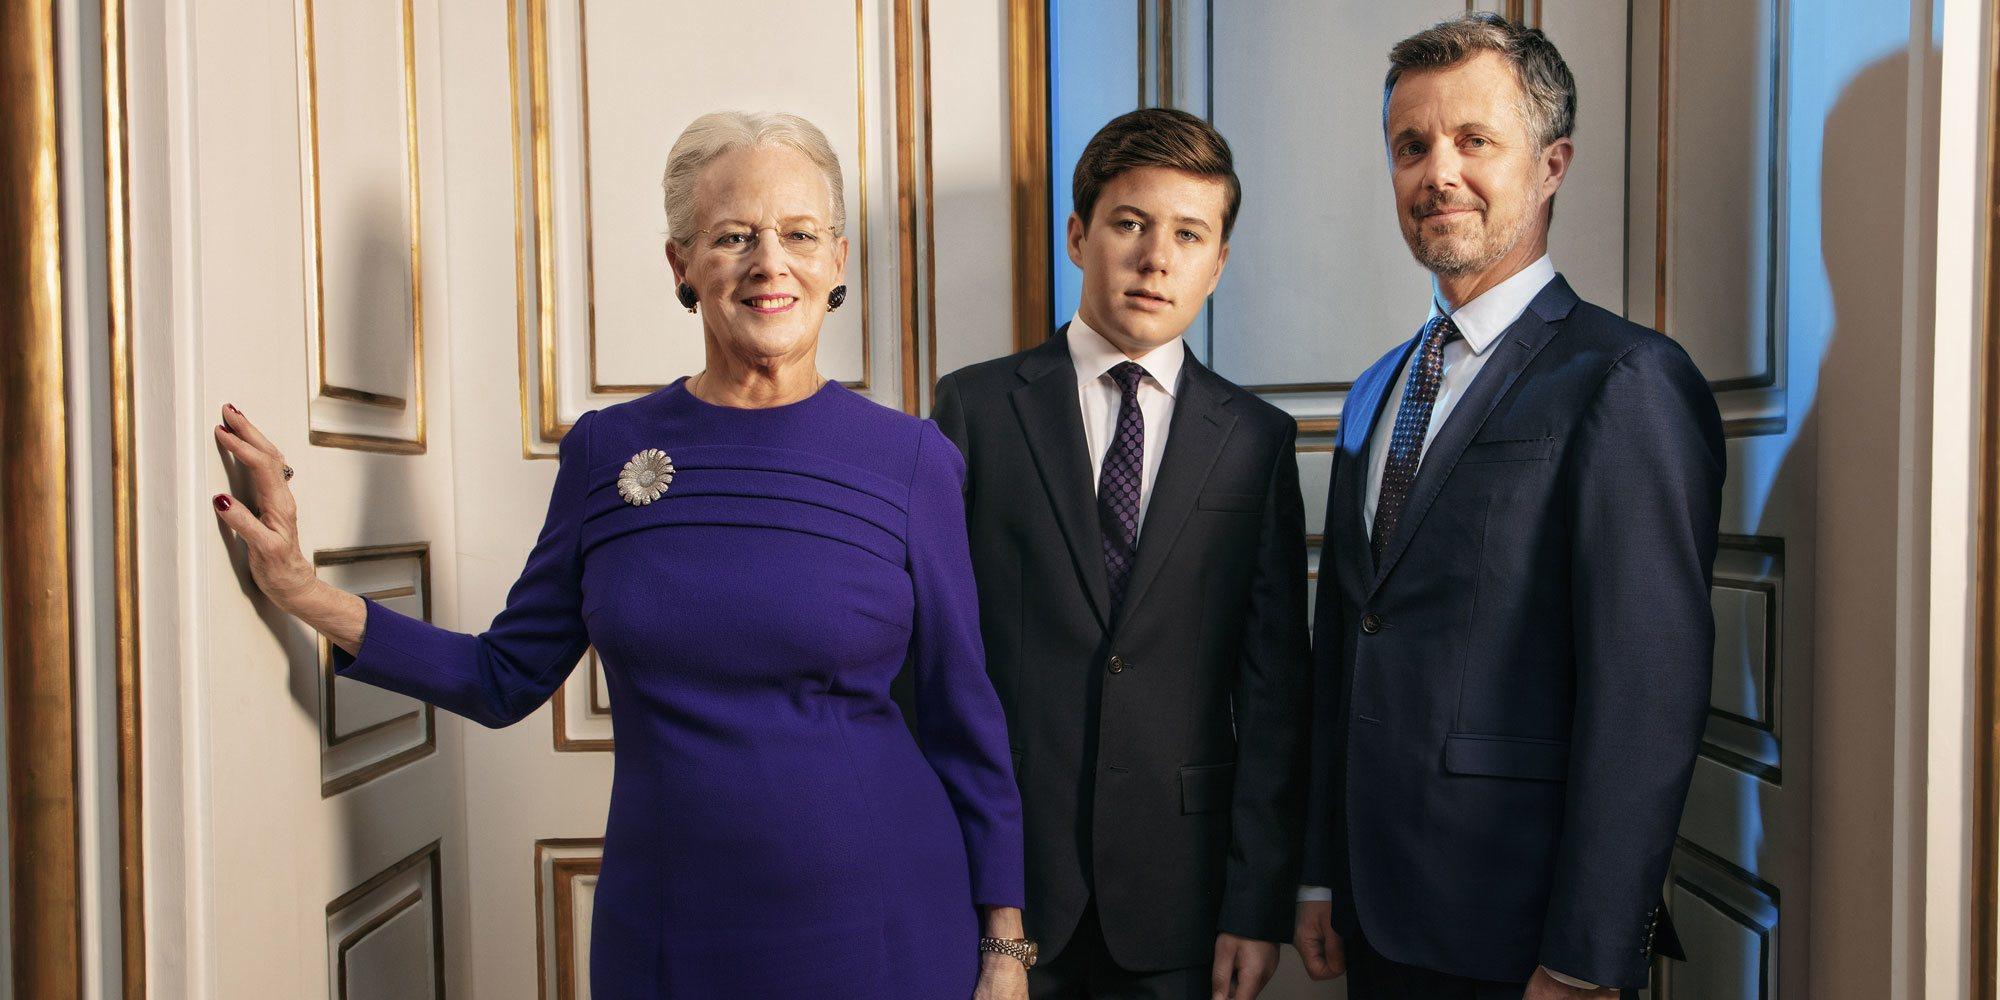 El posado de Margarita de Dinamarca: recuerdo al pasado y presencia del futuro con Federico y Christian de Dinamarca